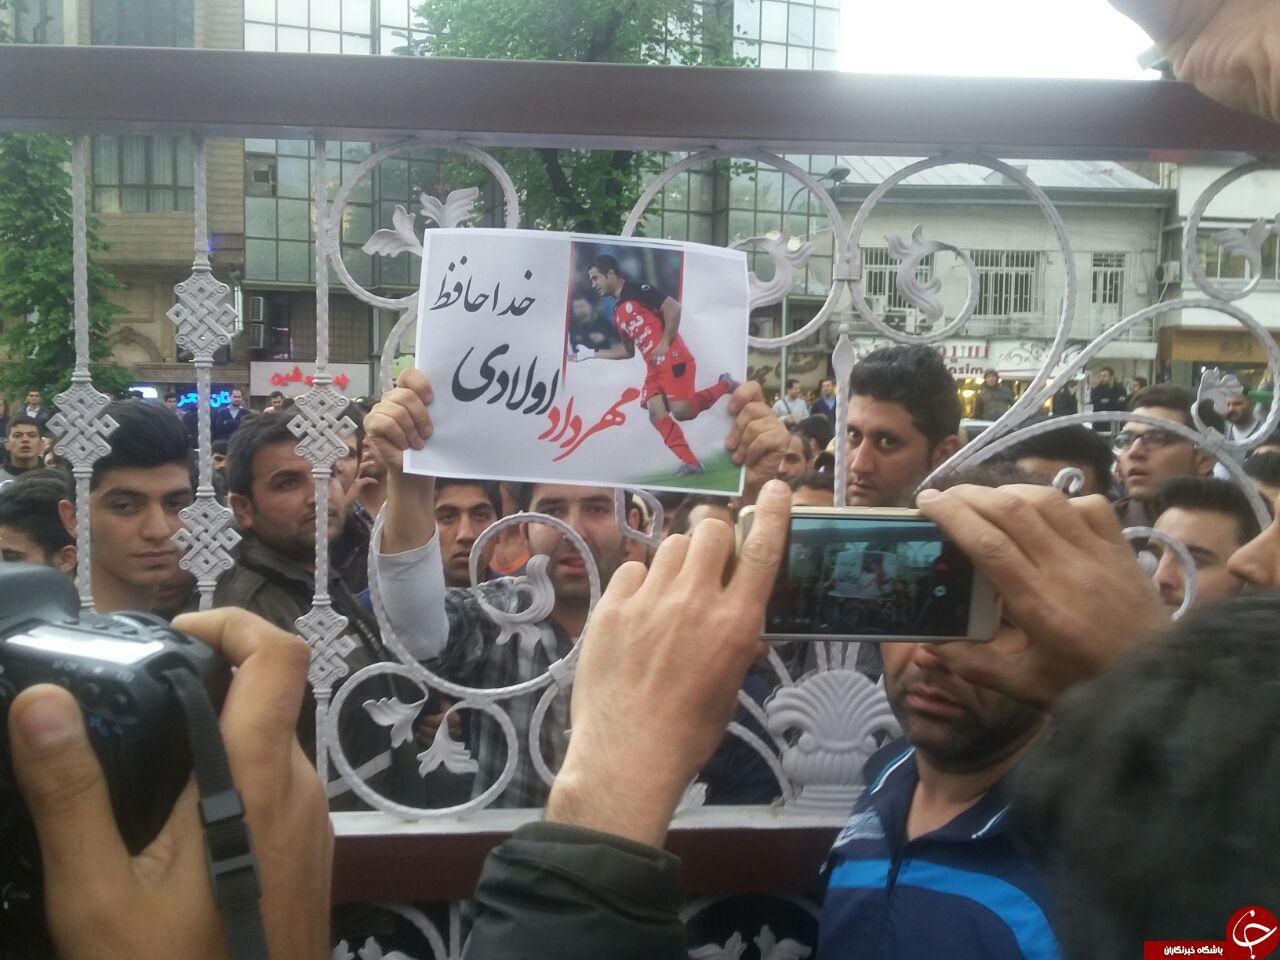 مهرداد اولادی بازیکن سابق تیم ملی درگذشت+زمان و مکان تشییع